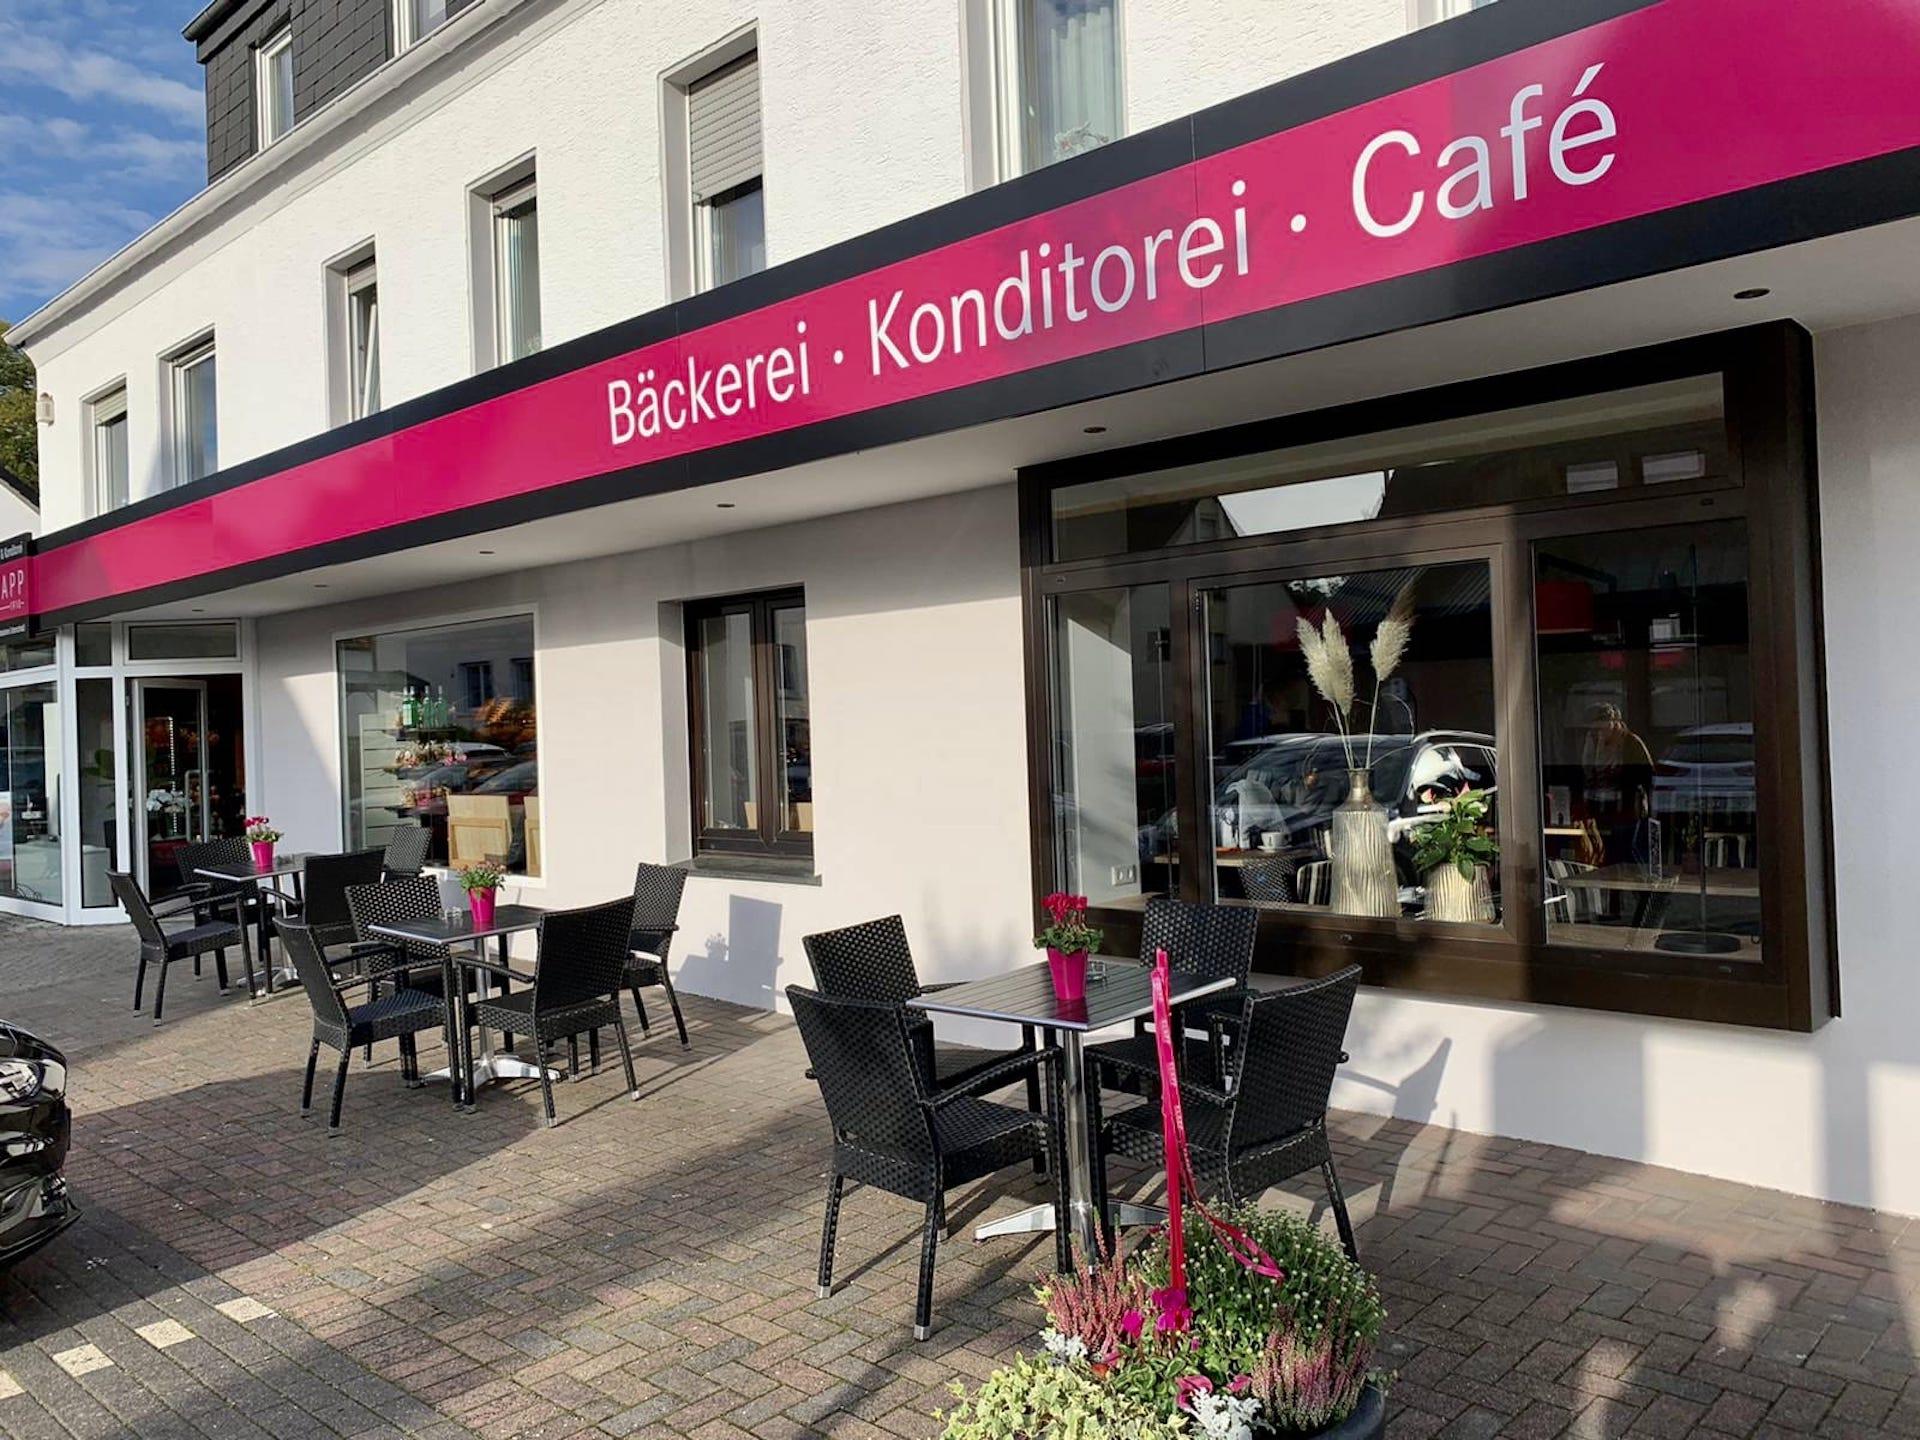 Klapp1910 Umbau 00007 - KLAPP1910 Stammhaus im neuen Design wiedereröffnet